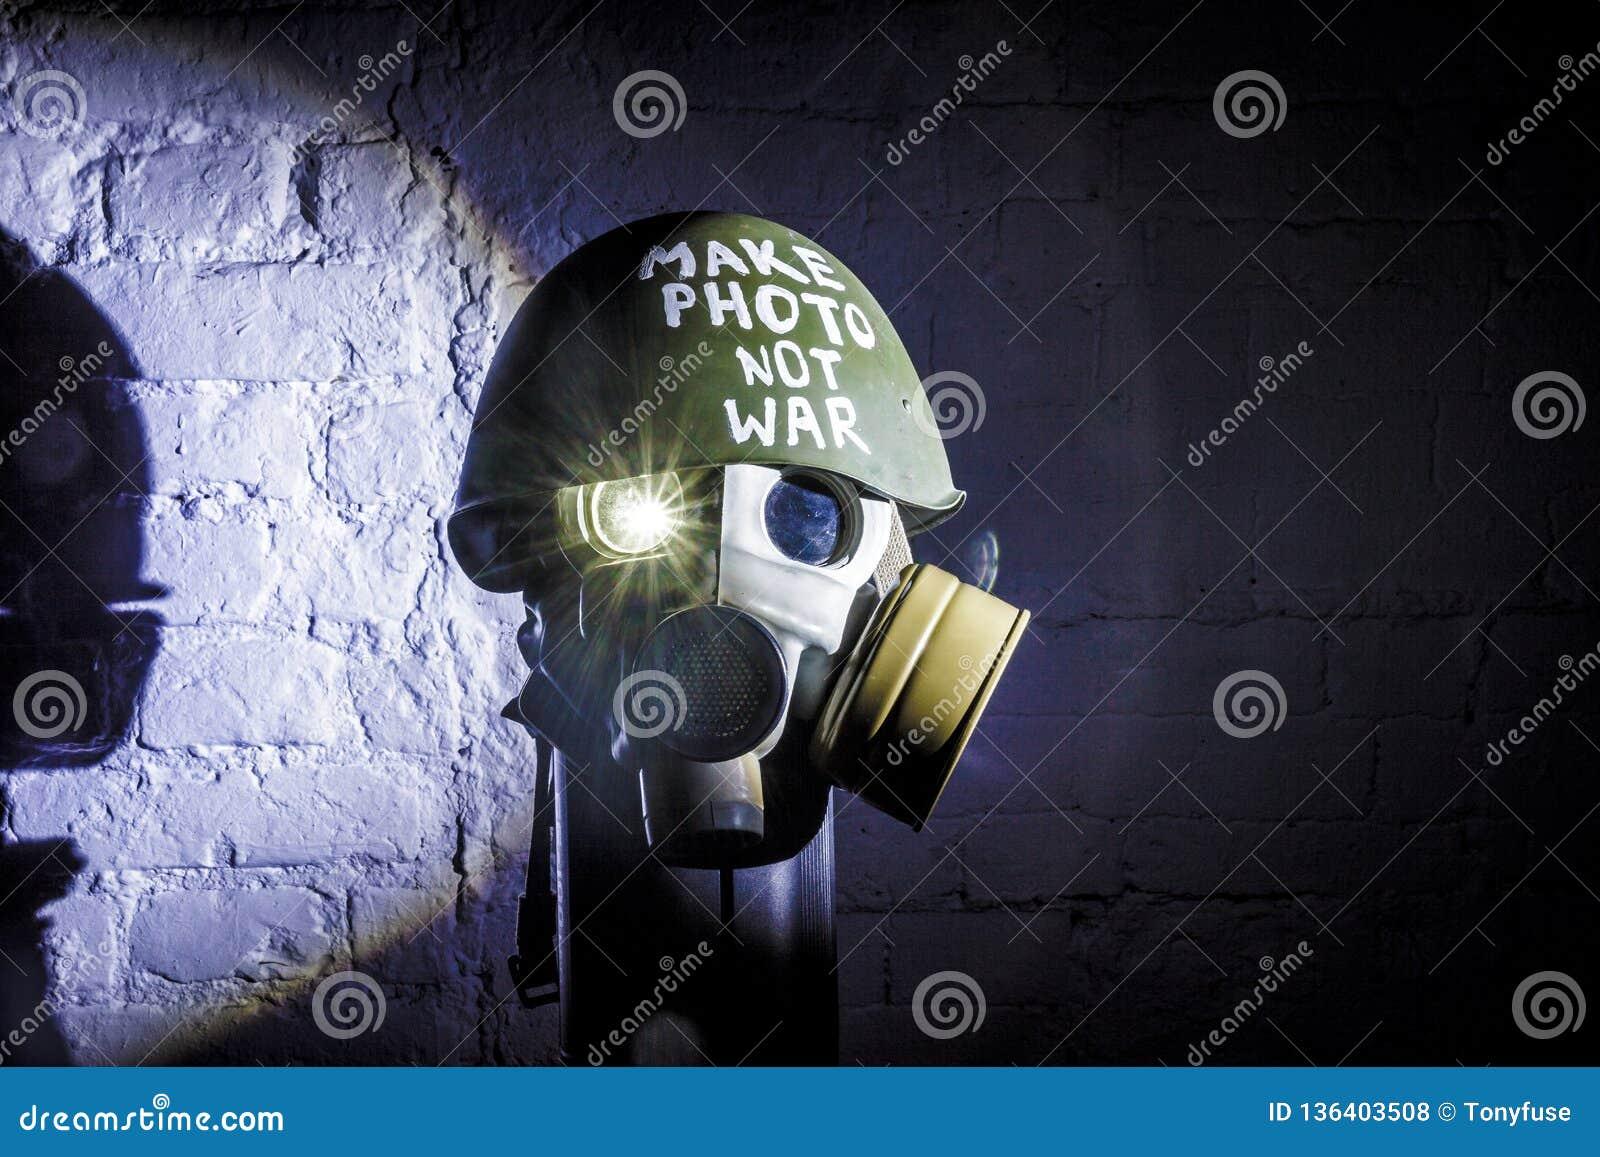 Immagine di arte di una maschera antigas militare